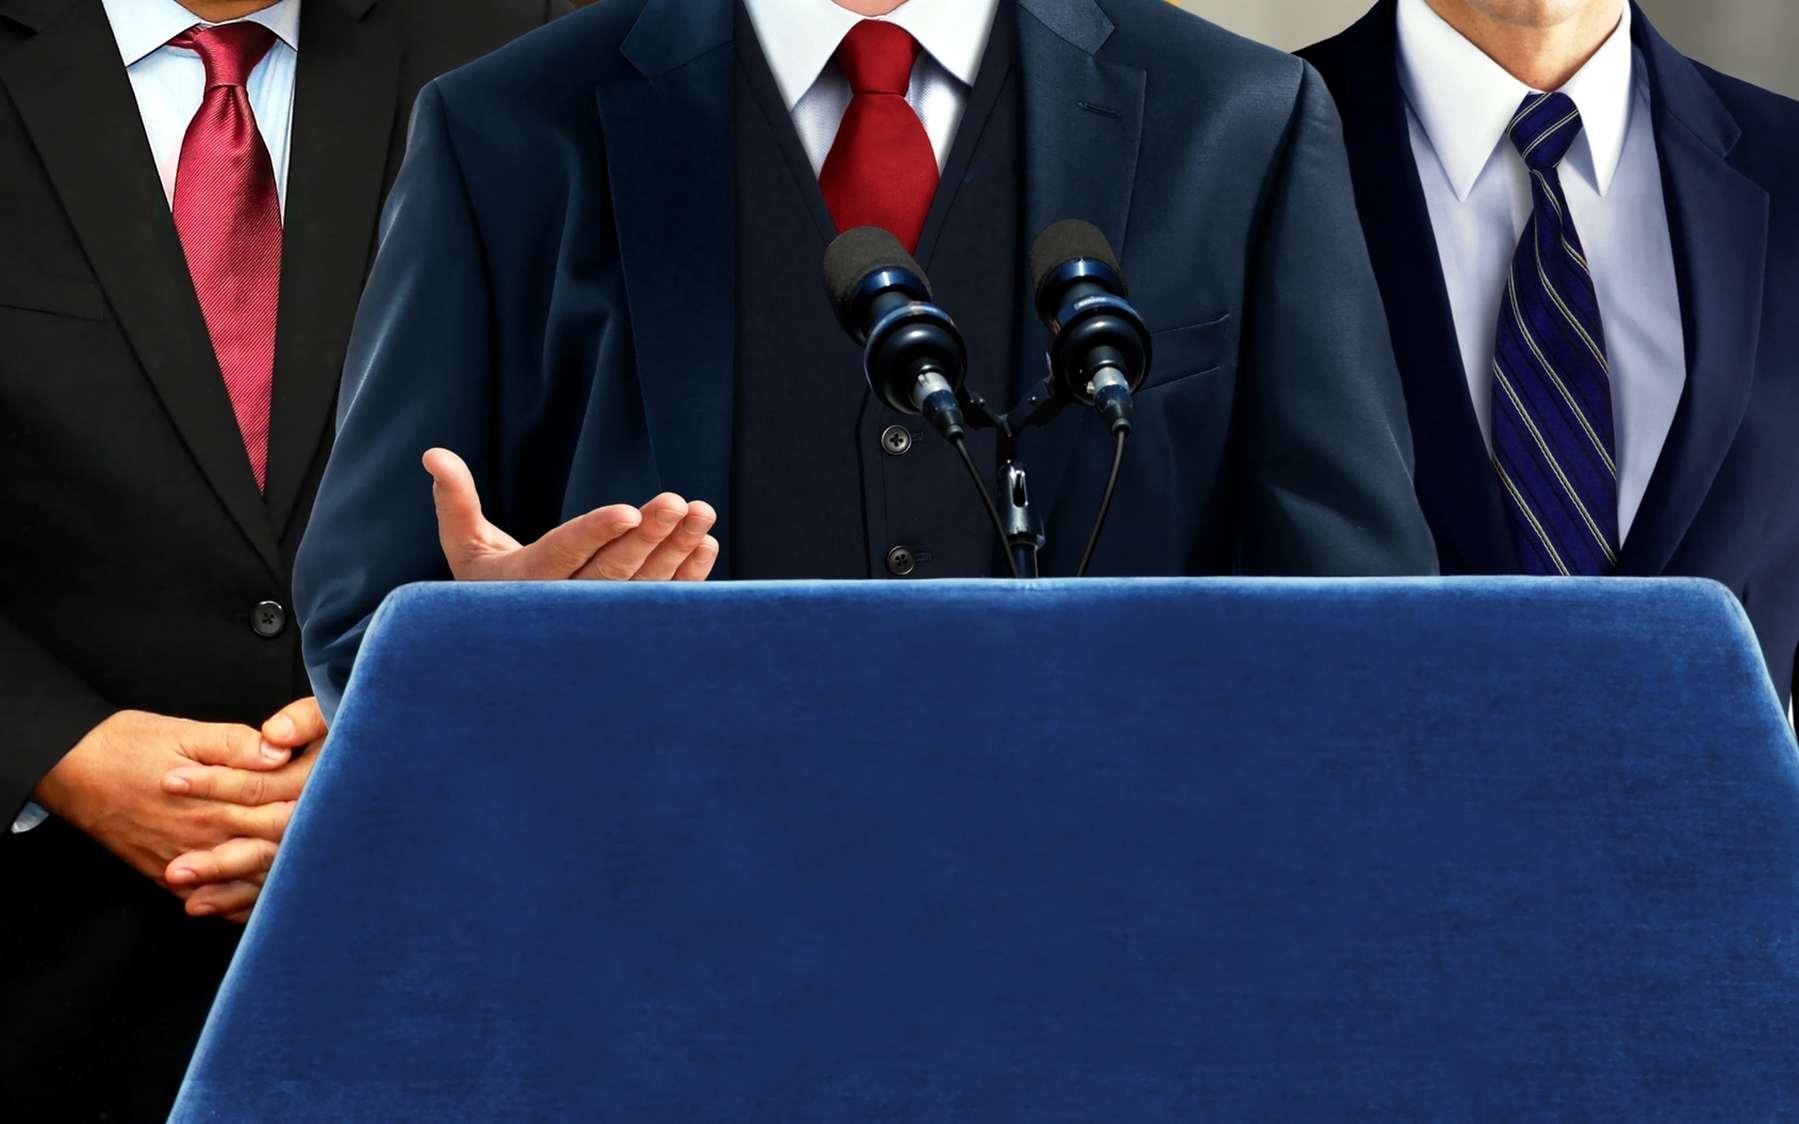 La vérification des faits en temps réel pourrait s'inviter dans la prochaine campagne présidentielle aux États-Unis. © Noraismail, Fotolia